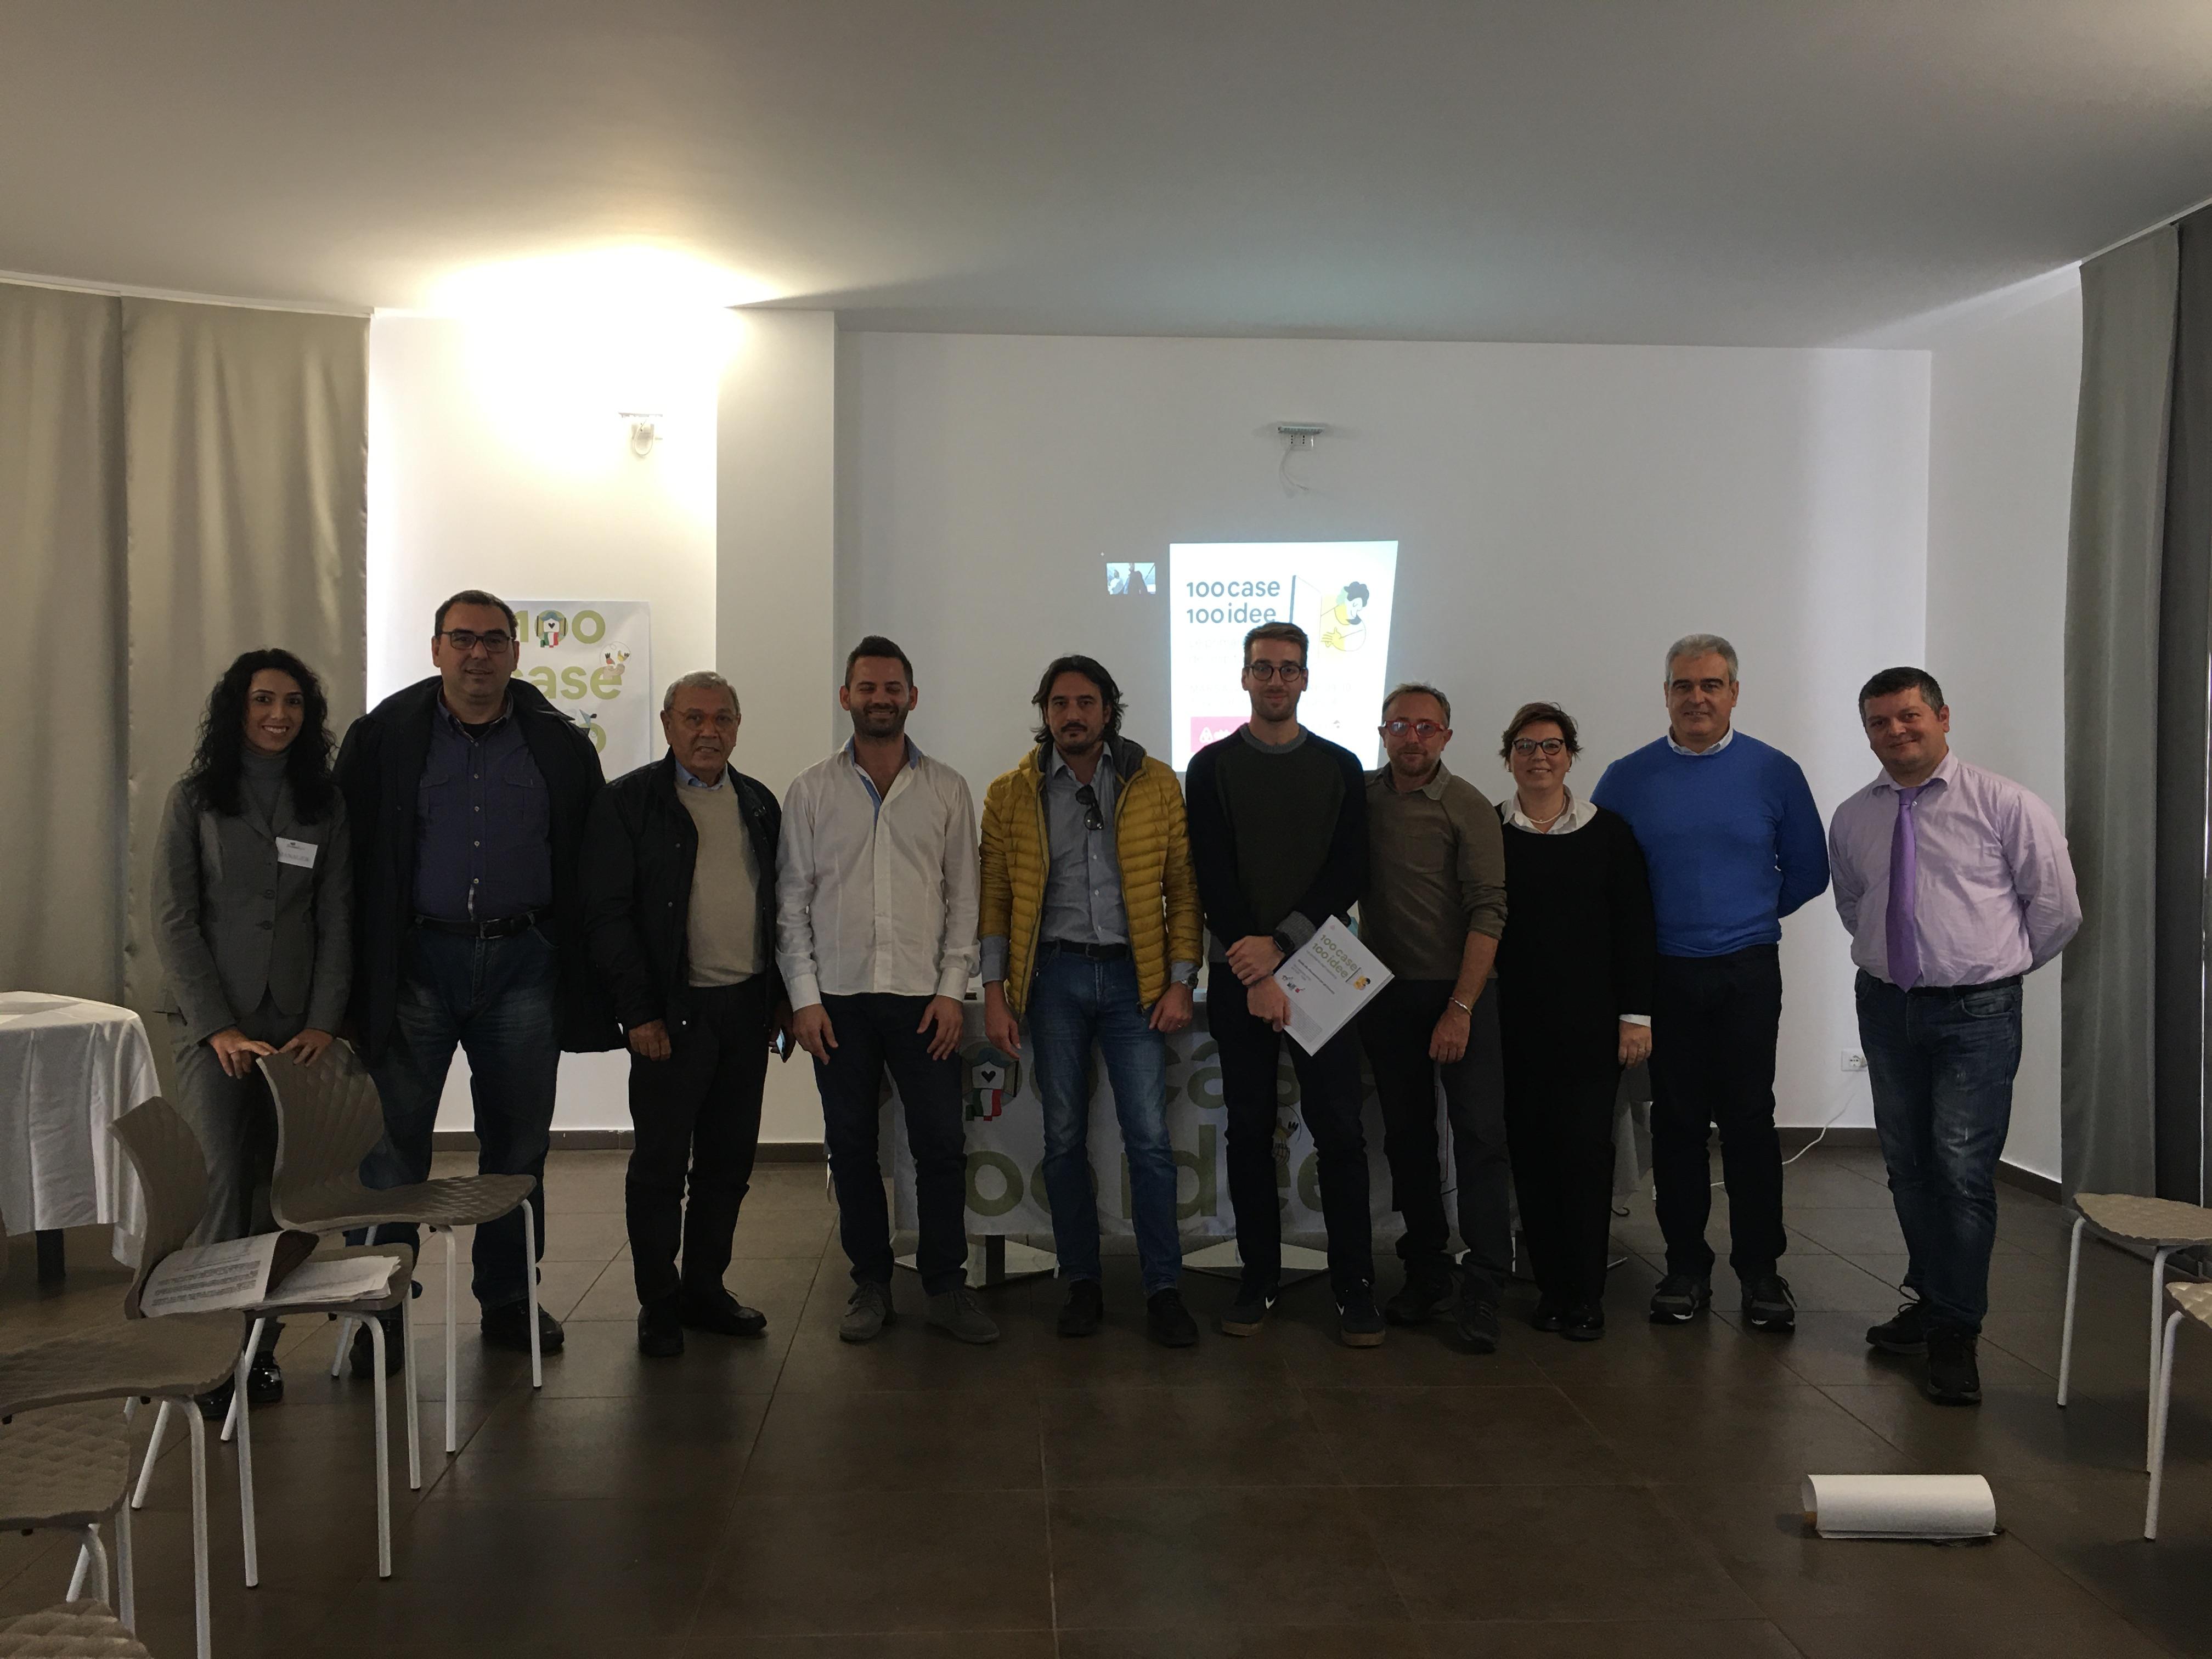 A Marsala l'evento 100 case 100 idee - Tp24